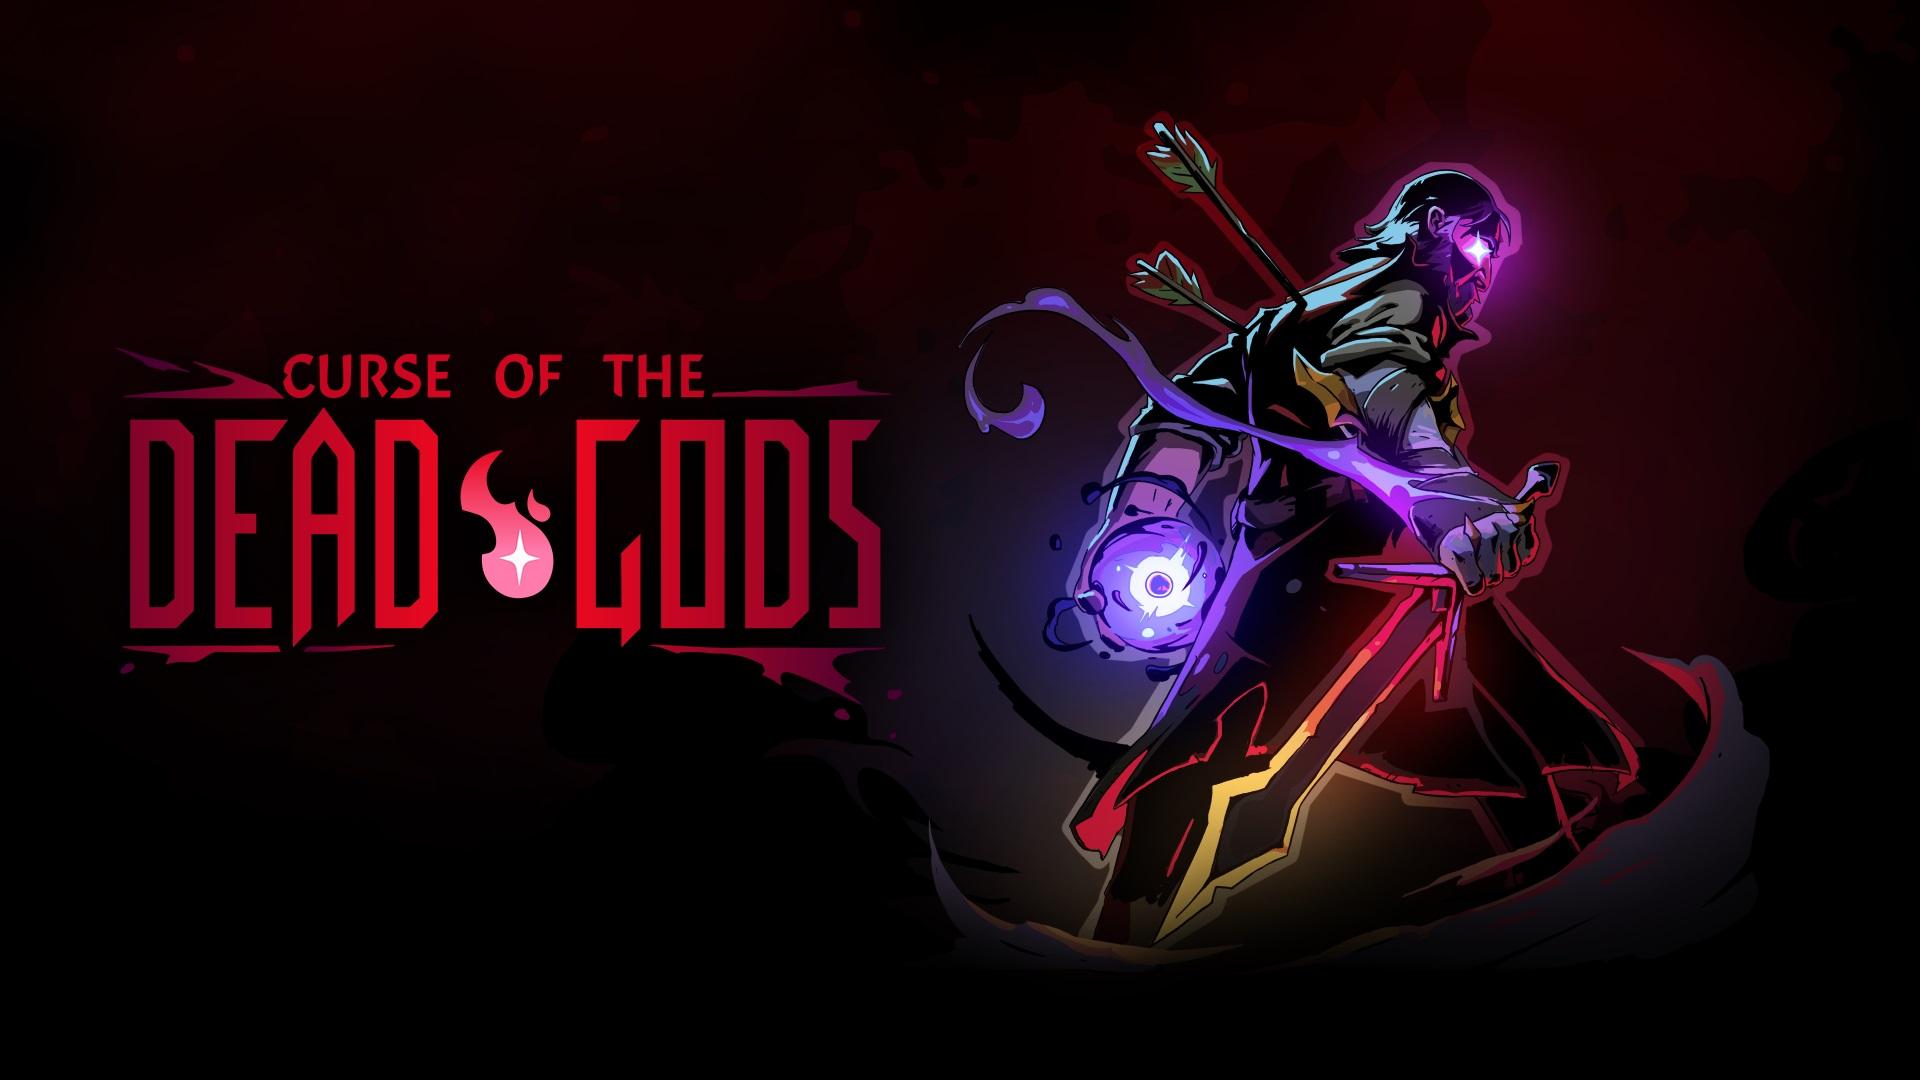 Curse of the Dead Gods получит кроссовер с Dead Cells